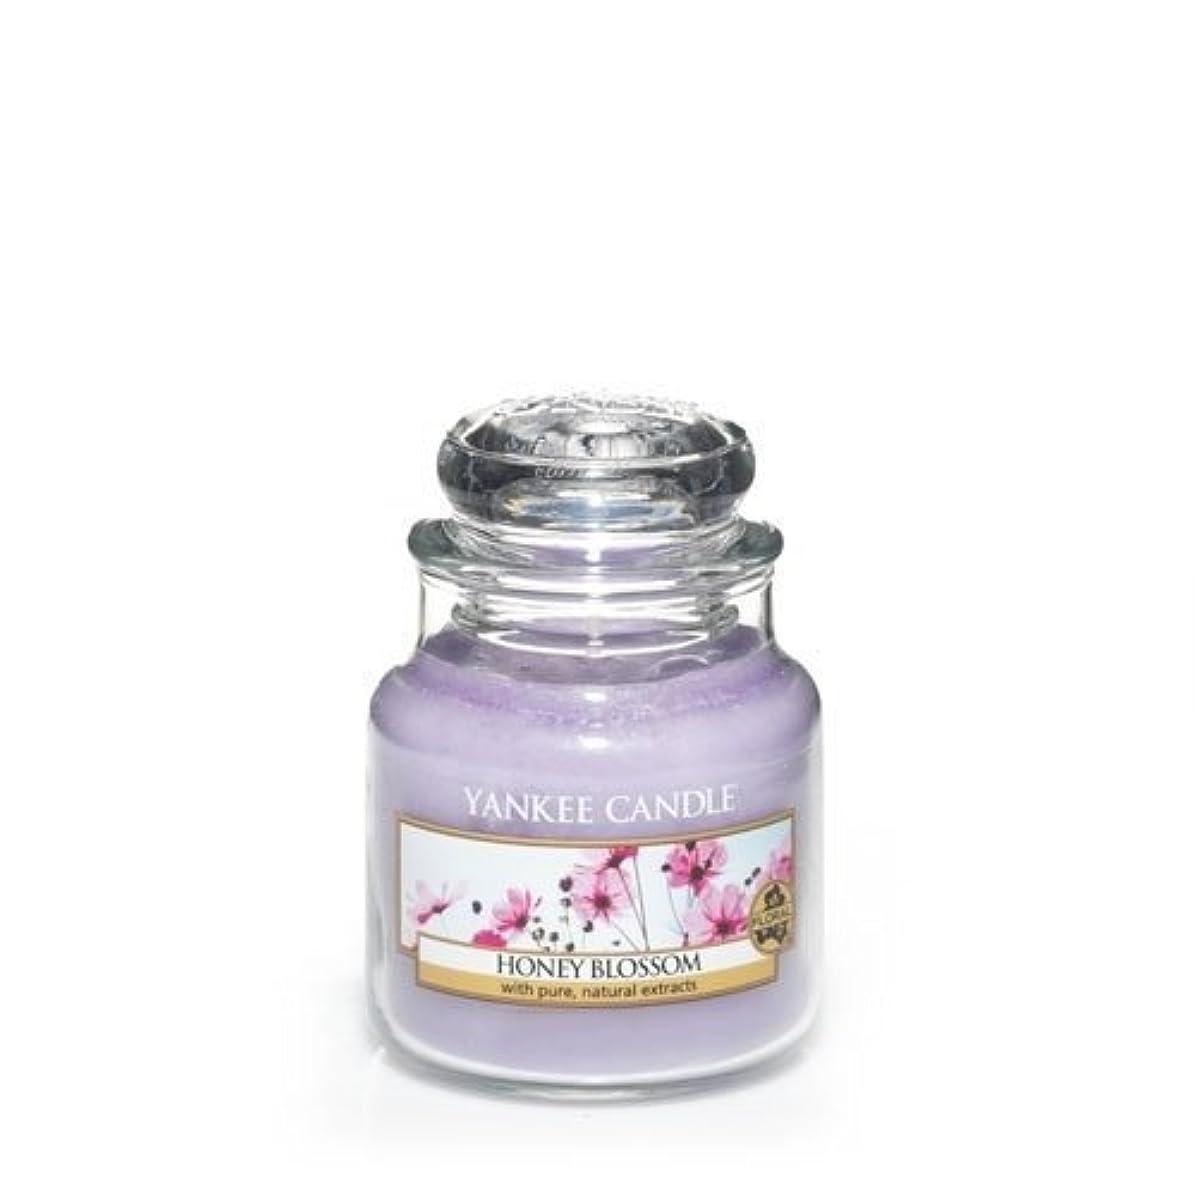 離す地下室偽造Yankee Candle Honey Blossom Small Jar Candle, Floral Scent by Yankee Candle [並行輸入品]